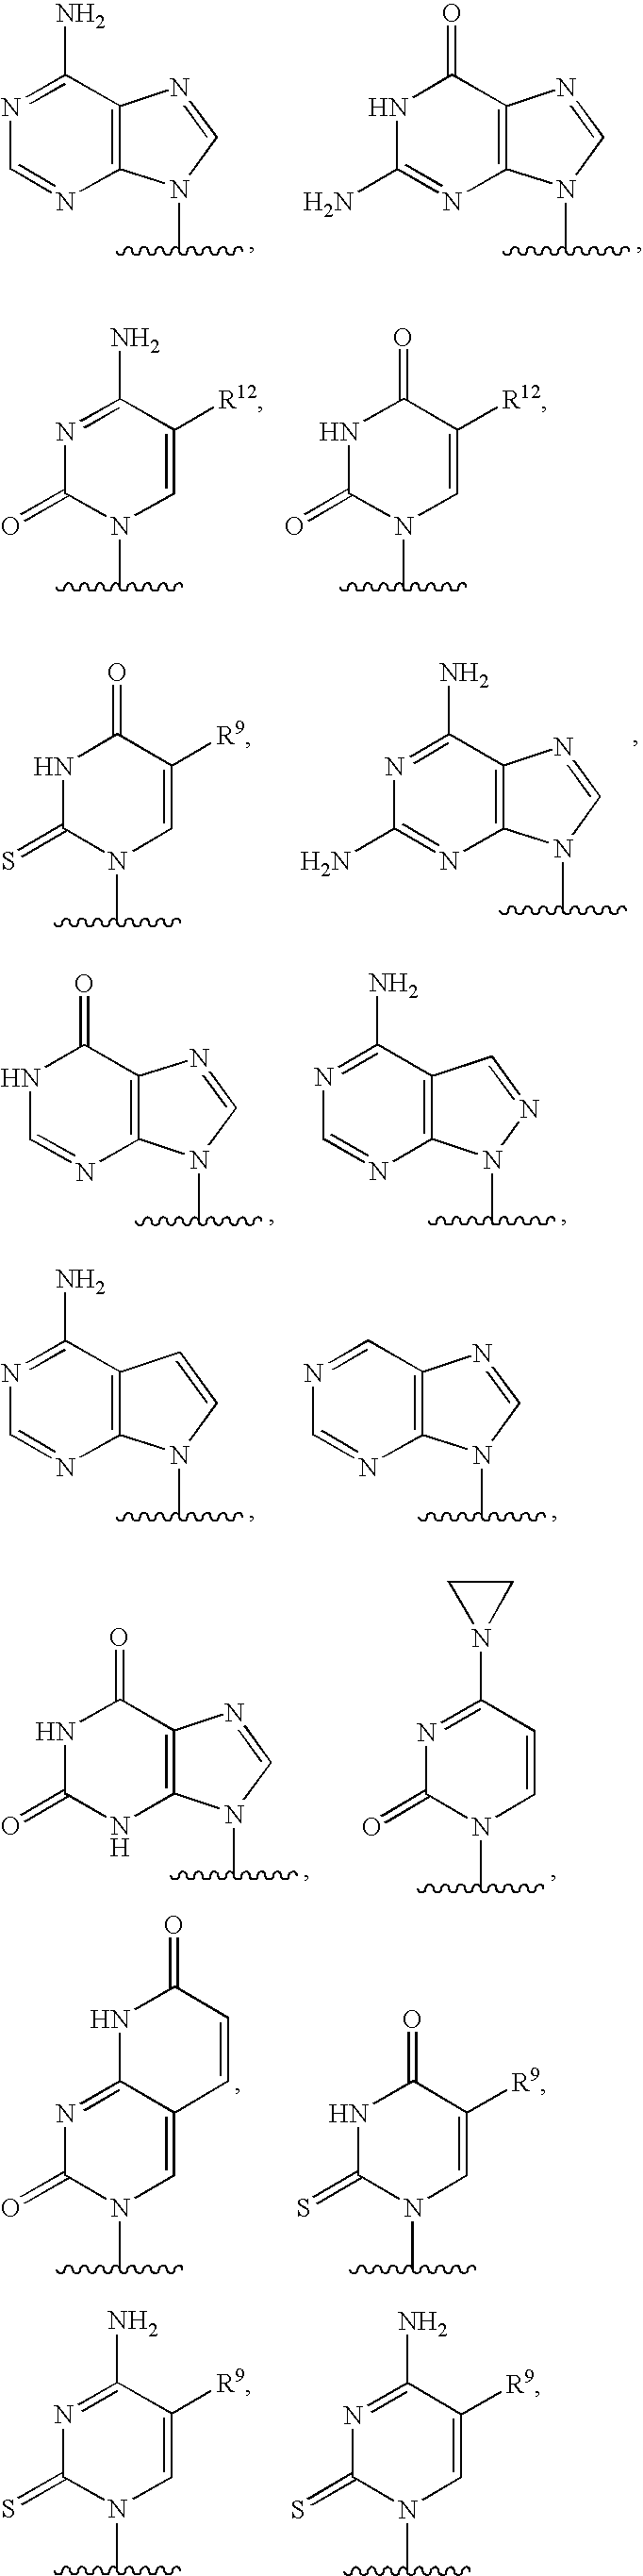 Figure US20060287260A1-20061221-C00141